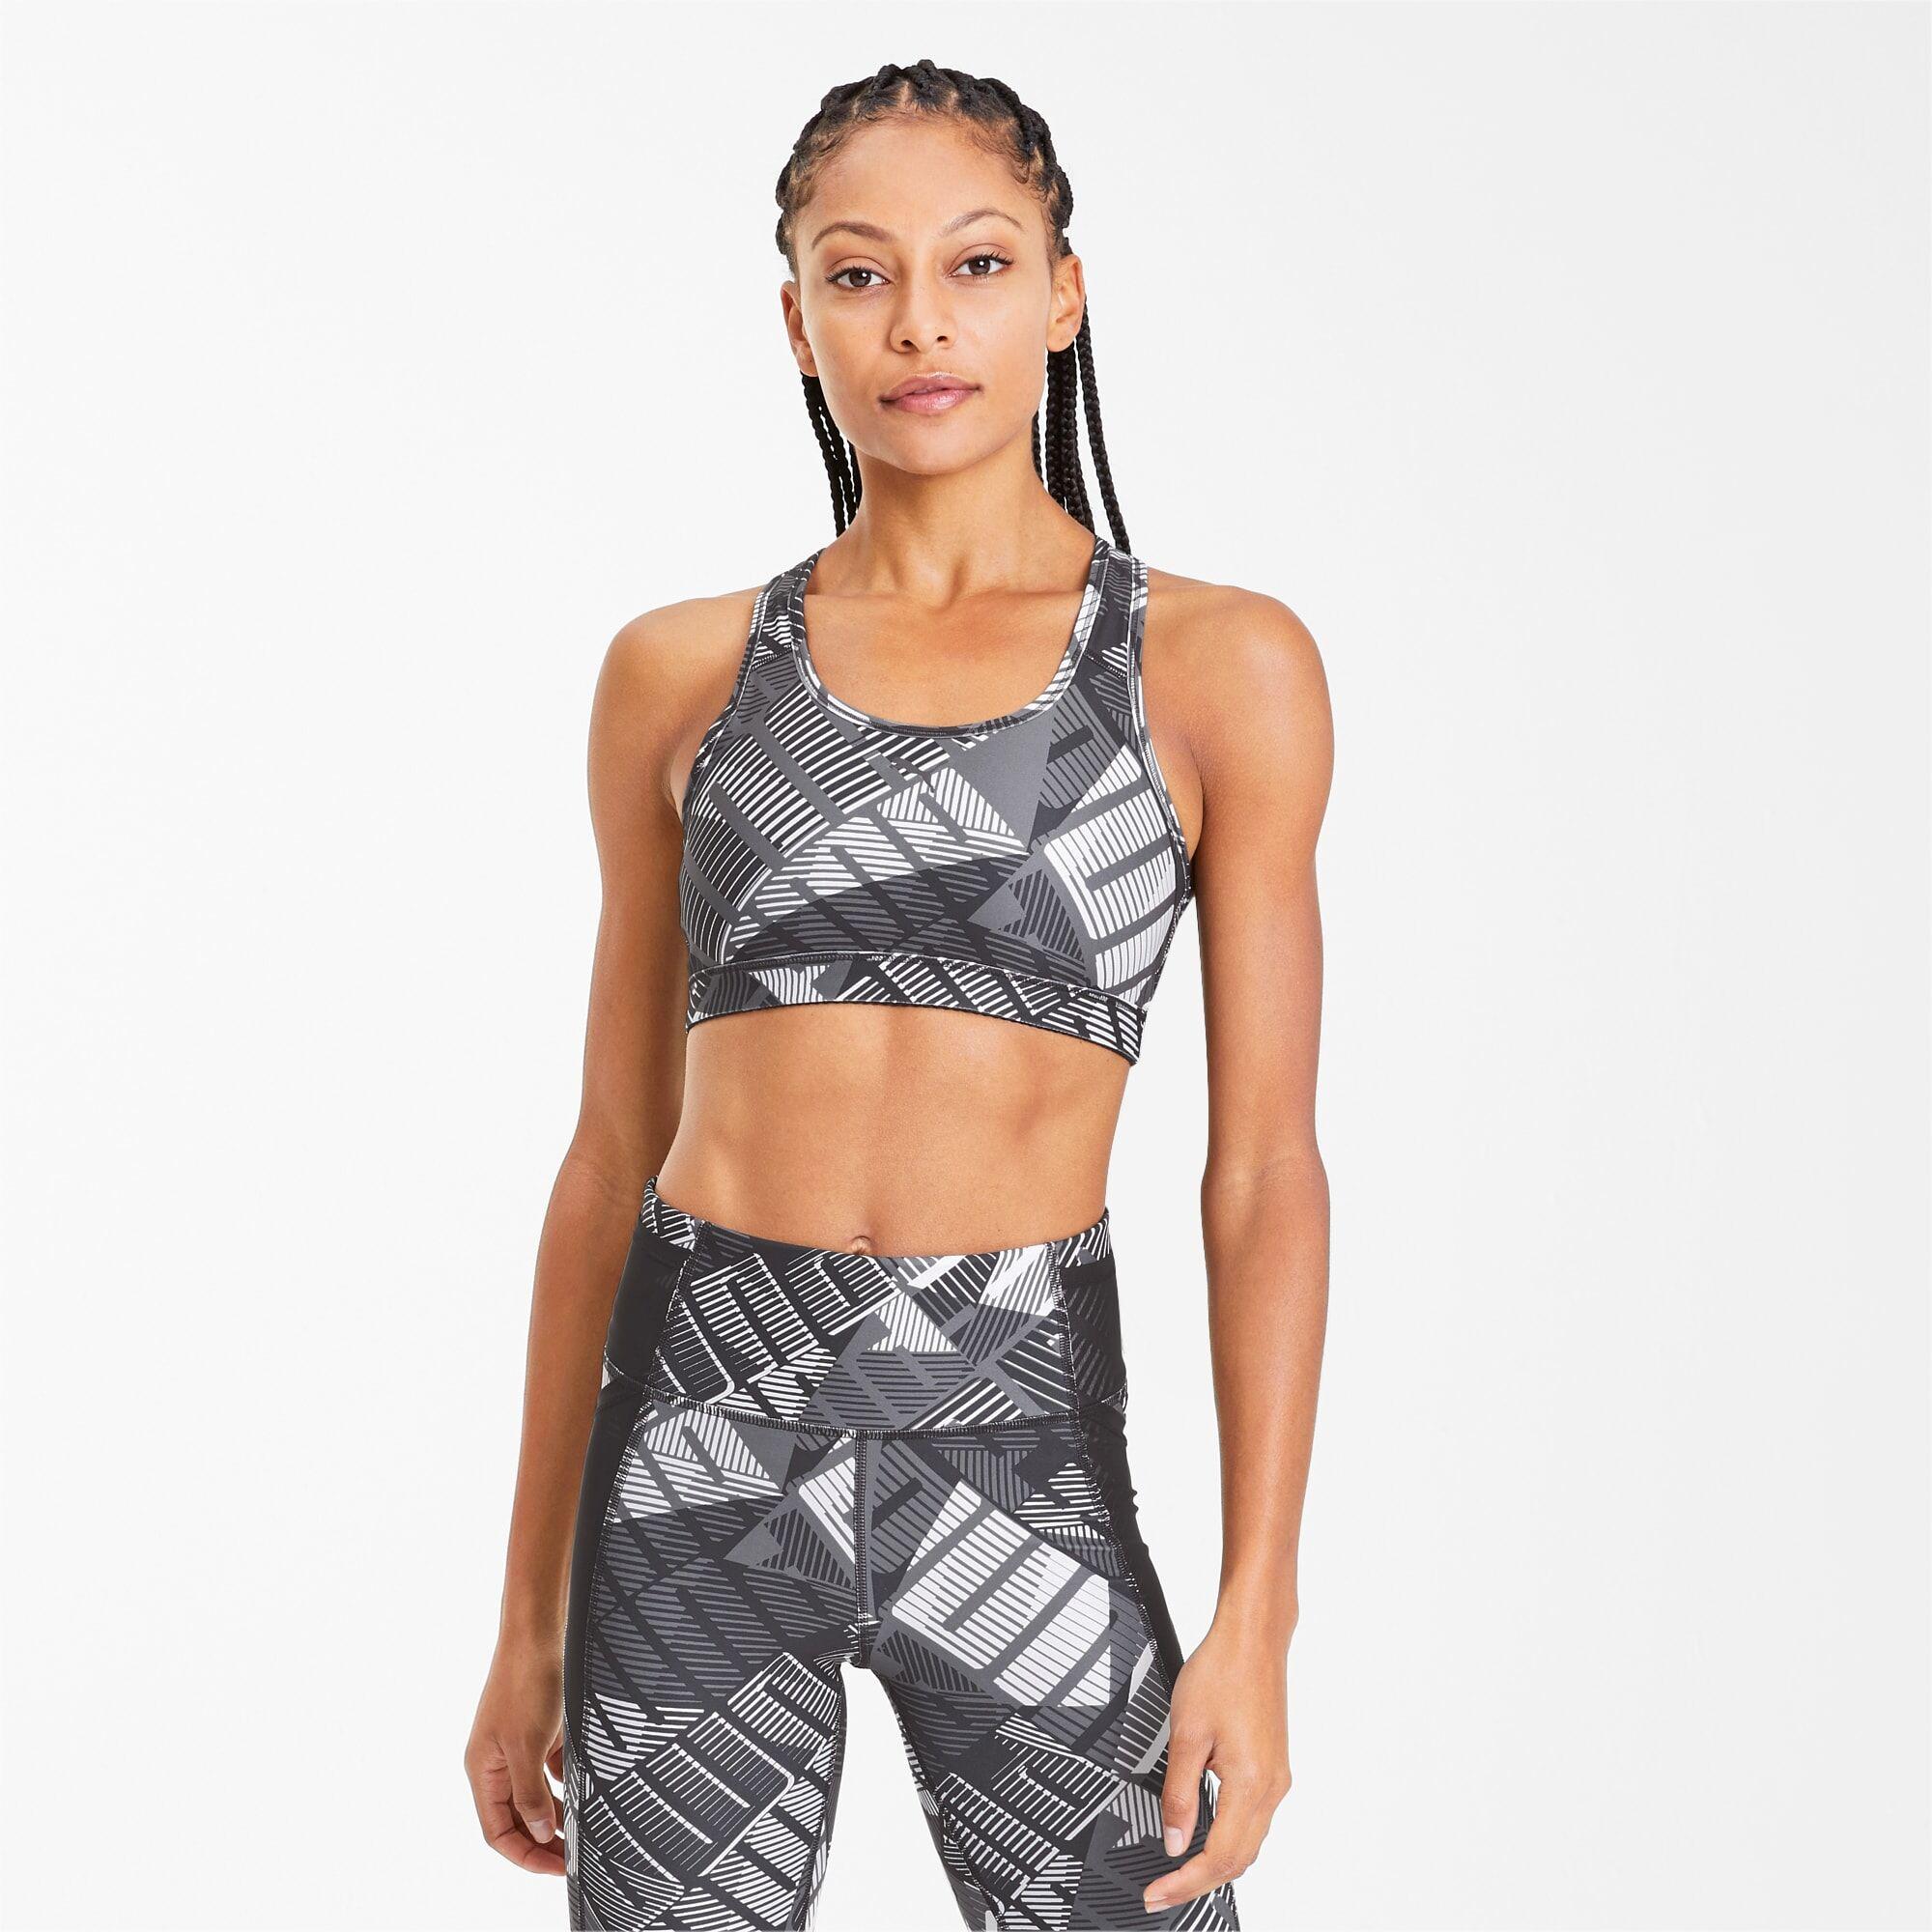 PUMA Soutien-gorge de sport 4Keeps Graphic, Noir/Blanc, Taille XS, Vêtements